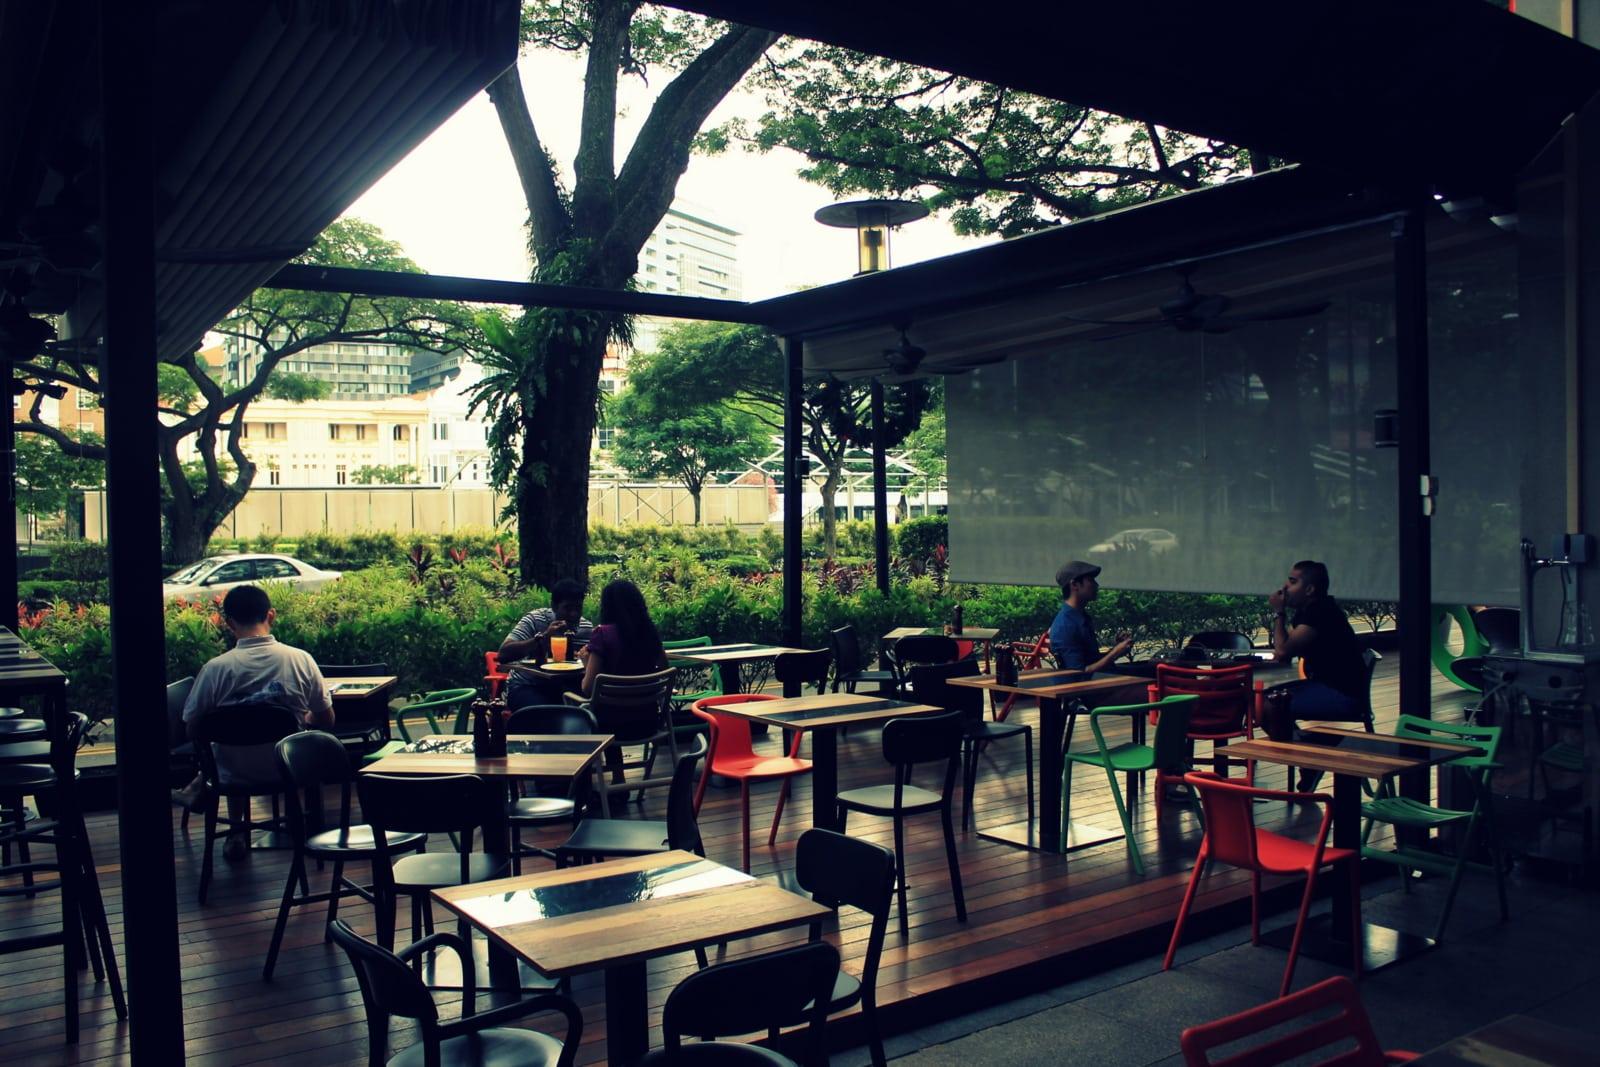 7 Contoh Proposal Usaha Kerajinan Makanan Cafe Kecil Dll